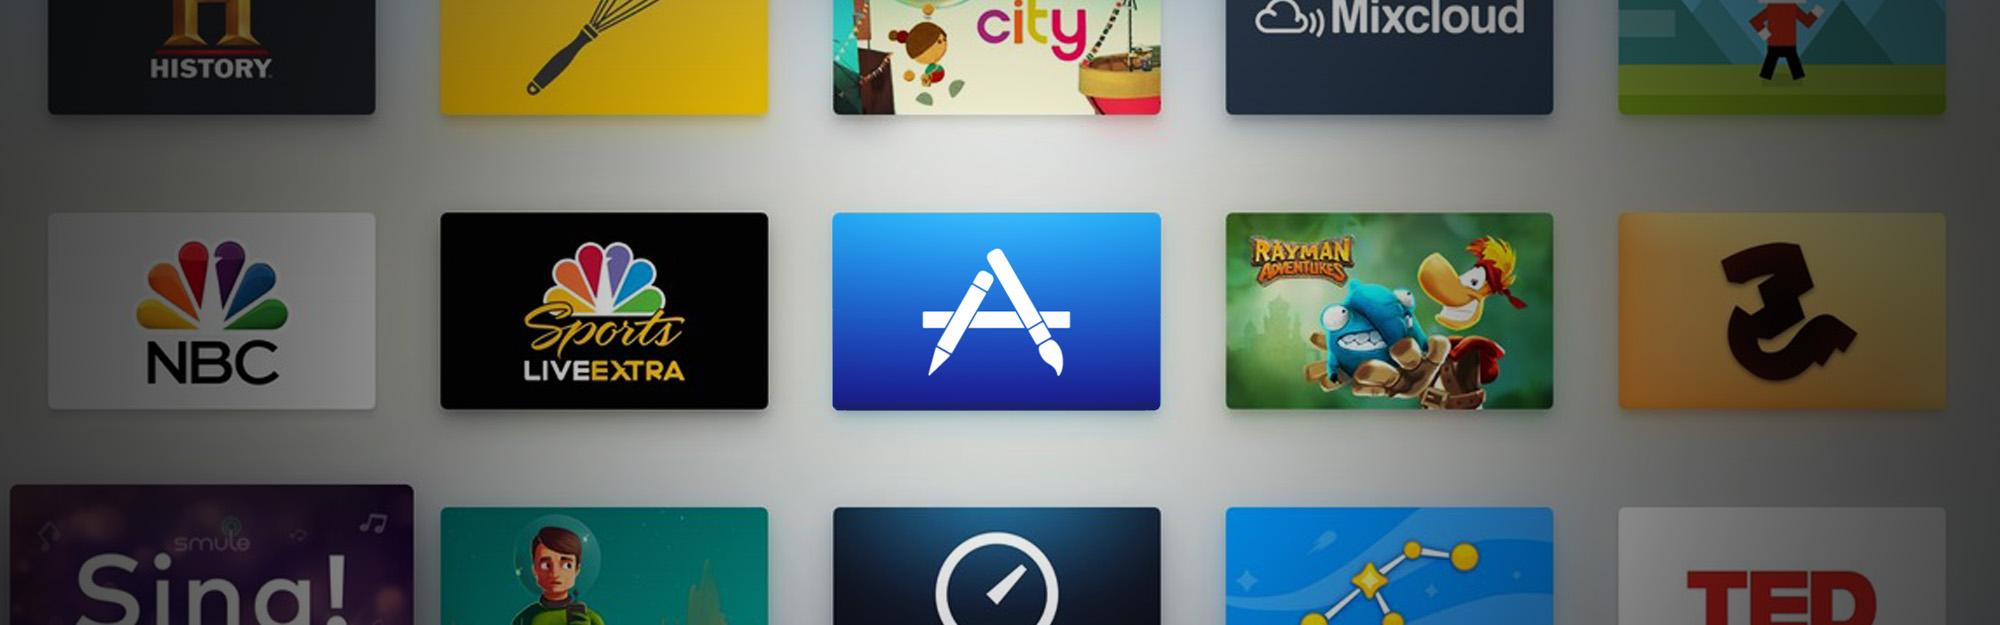 App Store per Apple TV: statistiche e numeri dei primi 6 mesi di vita